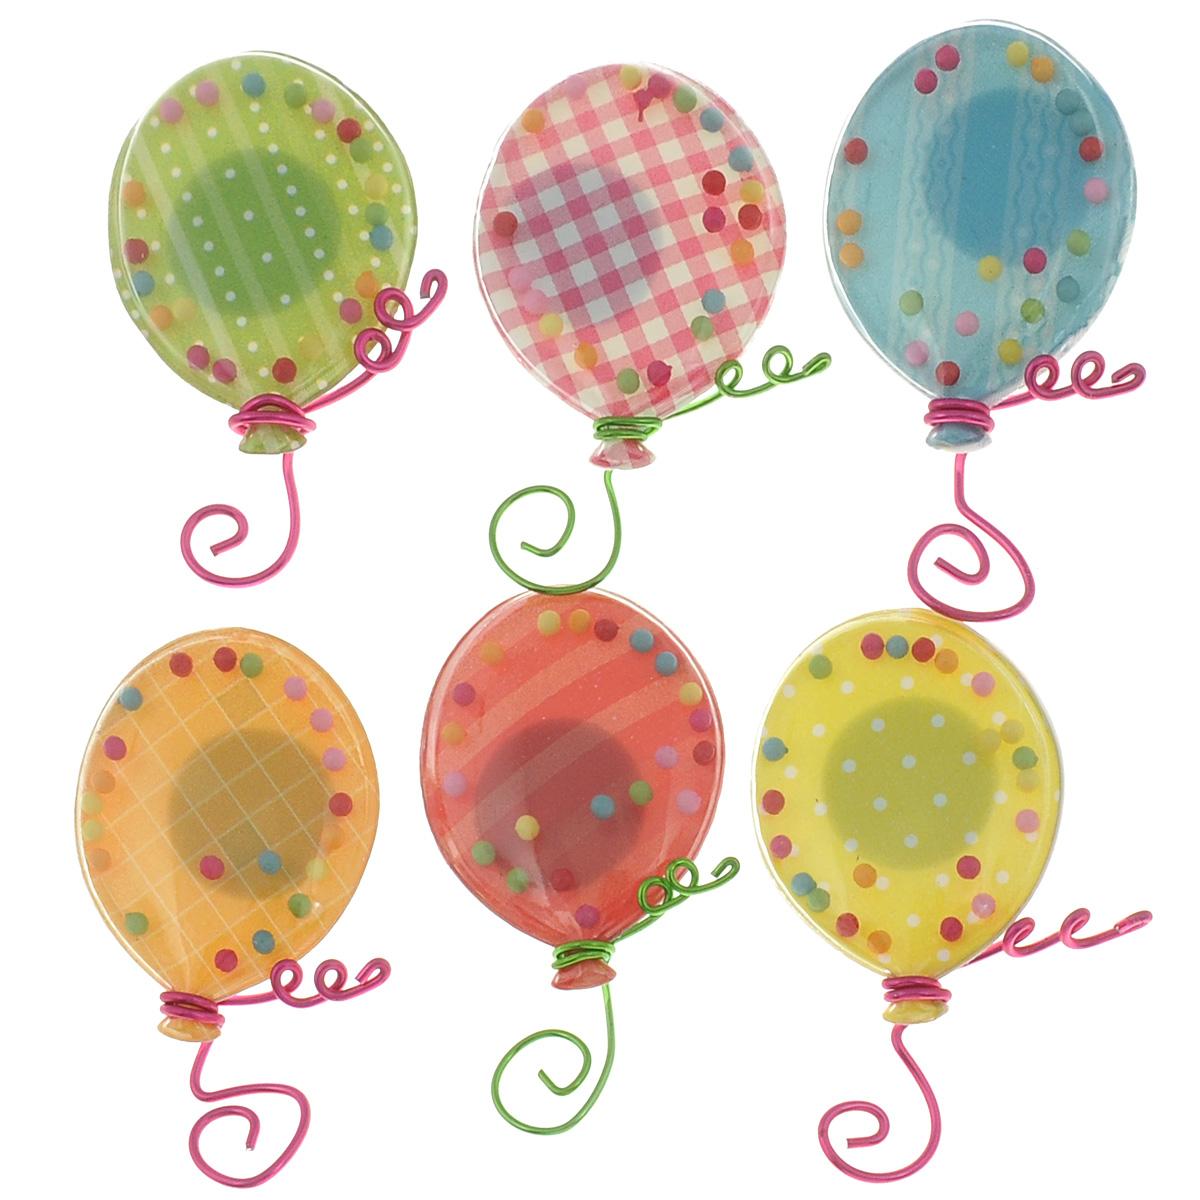 пожара картинки воздушные шары скрапбукинг блюдо